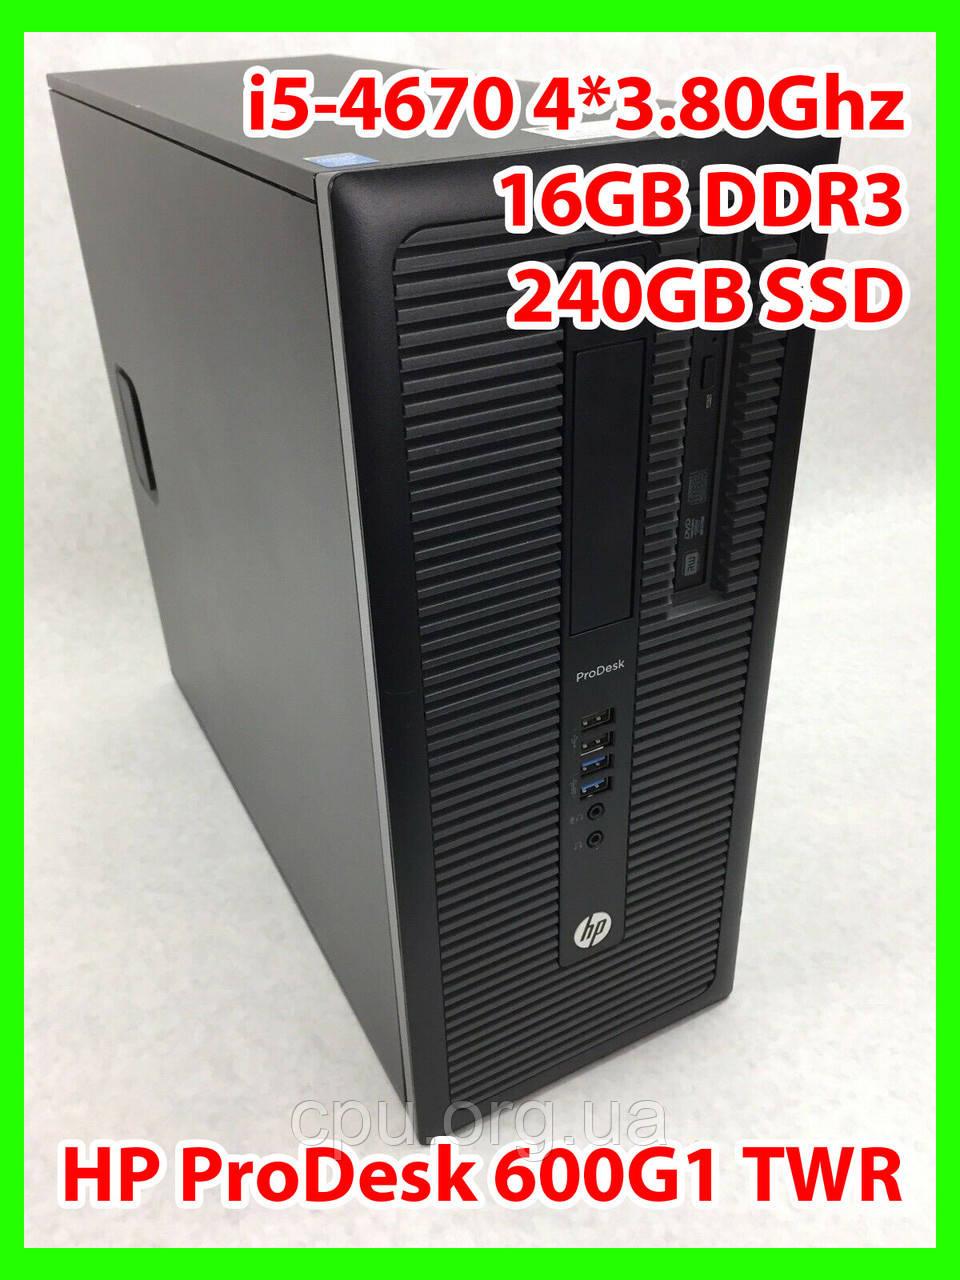 Системный блок HP- i5-4670 4 ядра 3,40-3,80Ghz / 16GB DDR3 / SSD 240gb